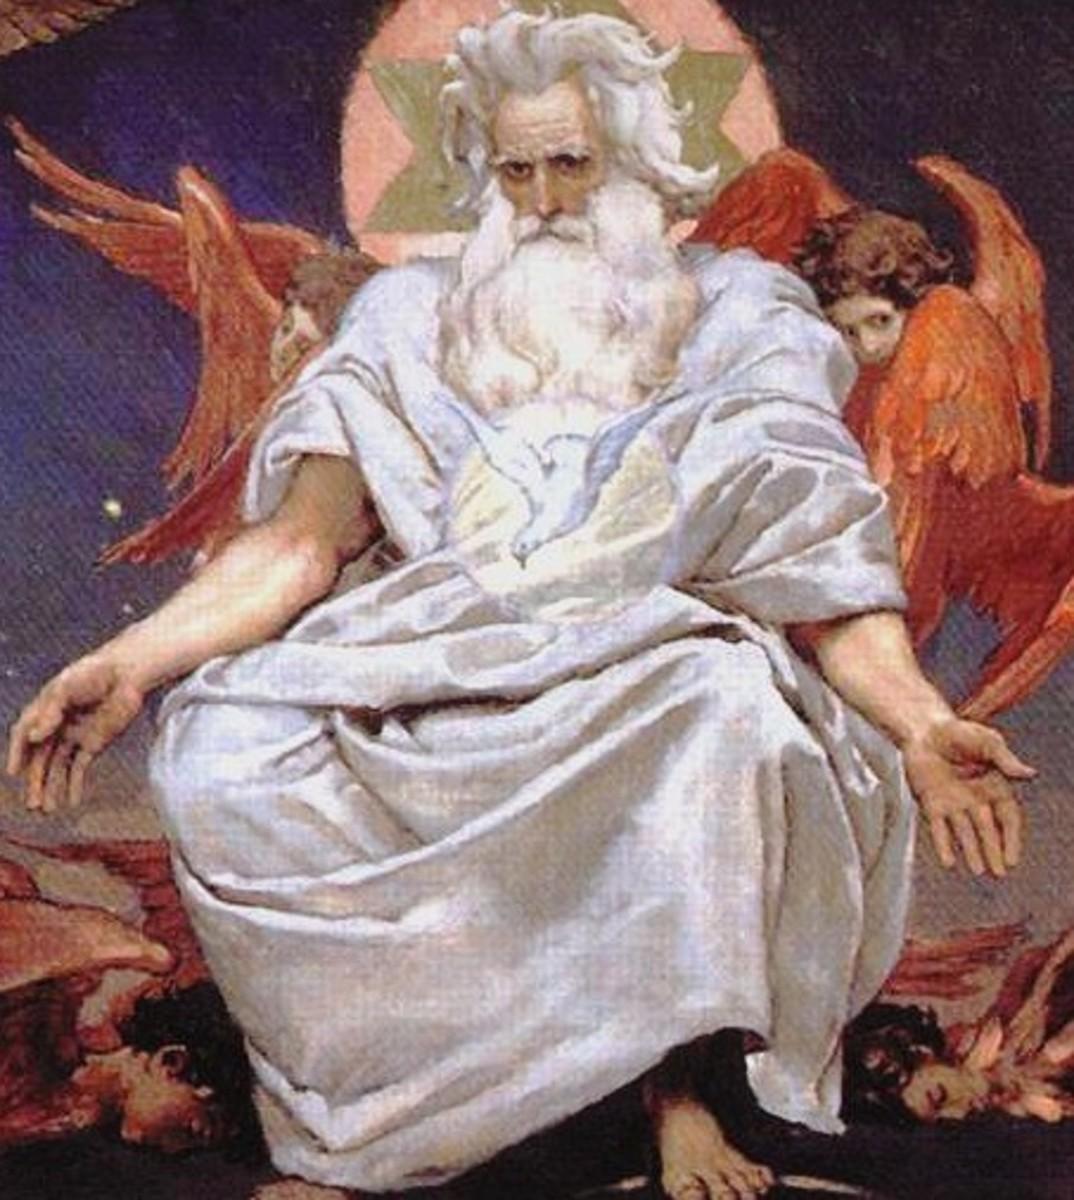 The Christian God.